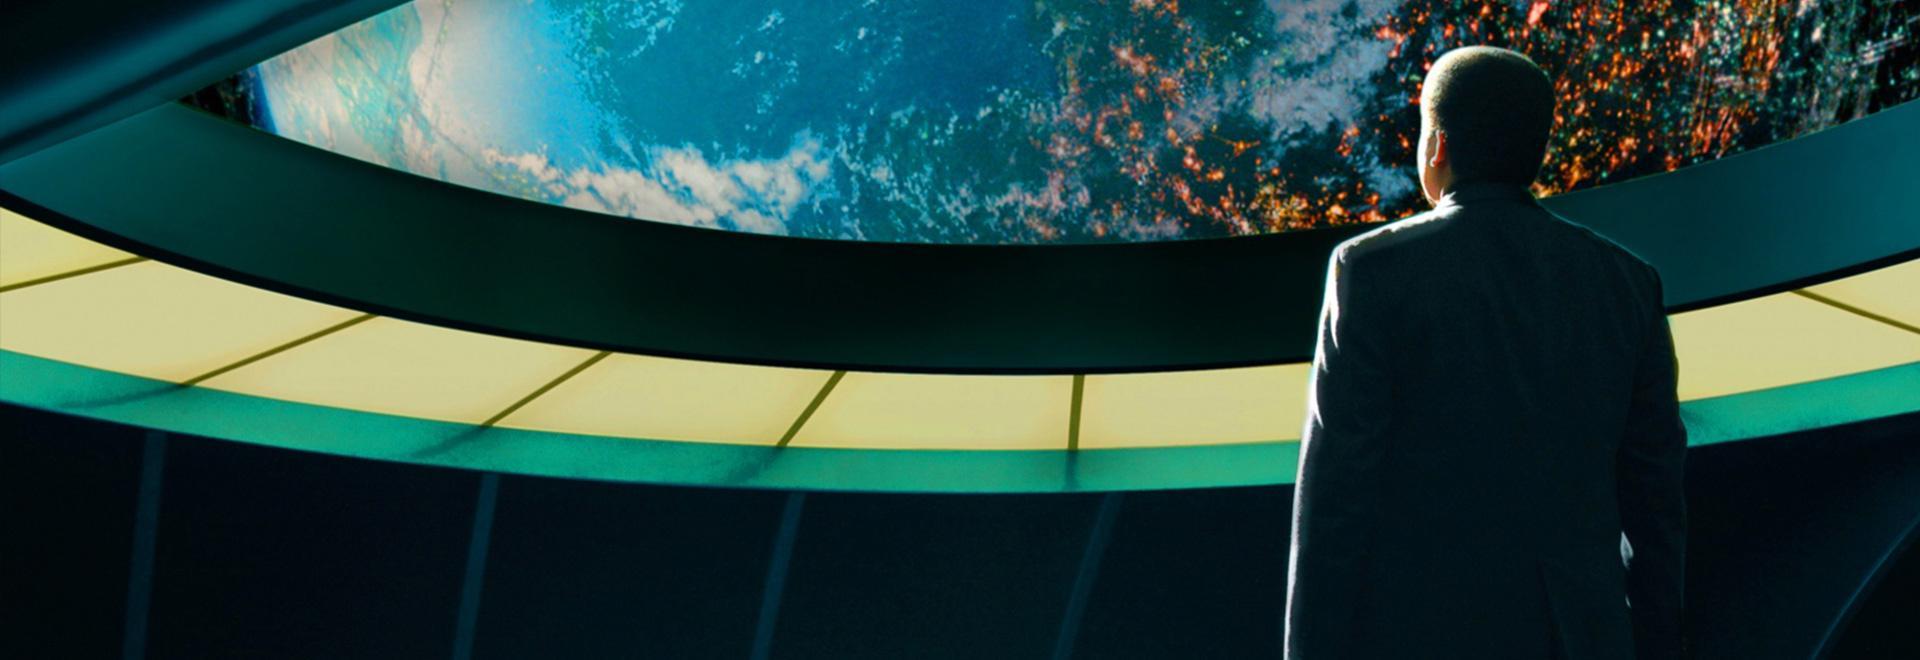 Cosmos: odissea nello spazio